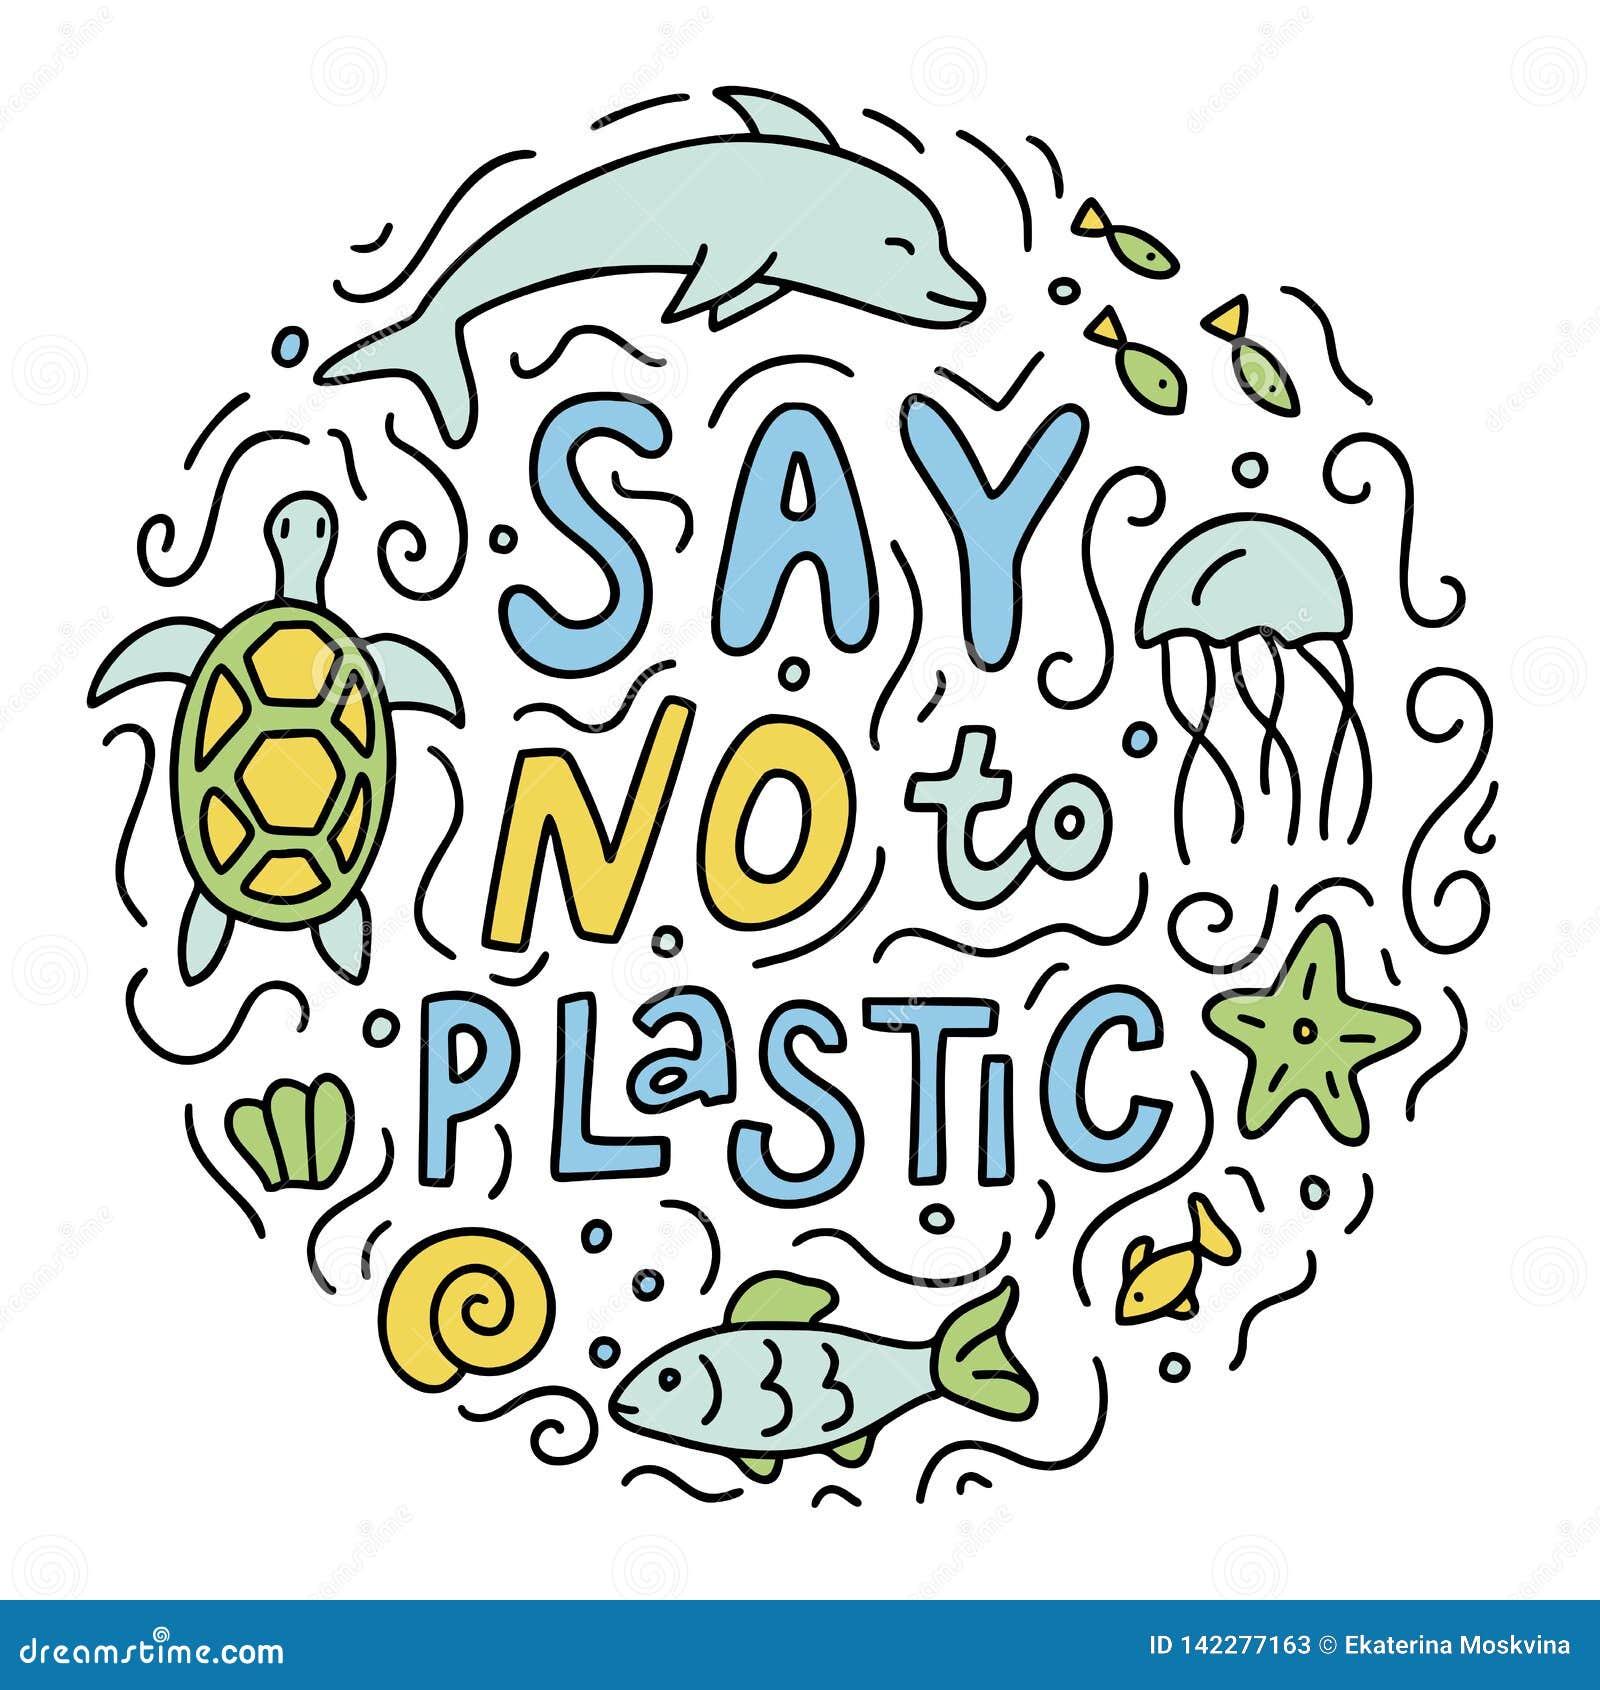 Πέστε το αριθ. στο πλαστικό doodle